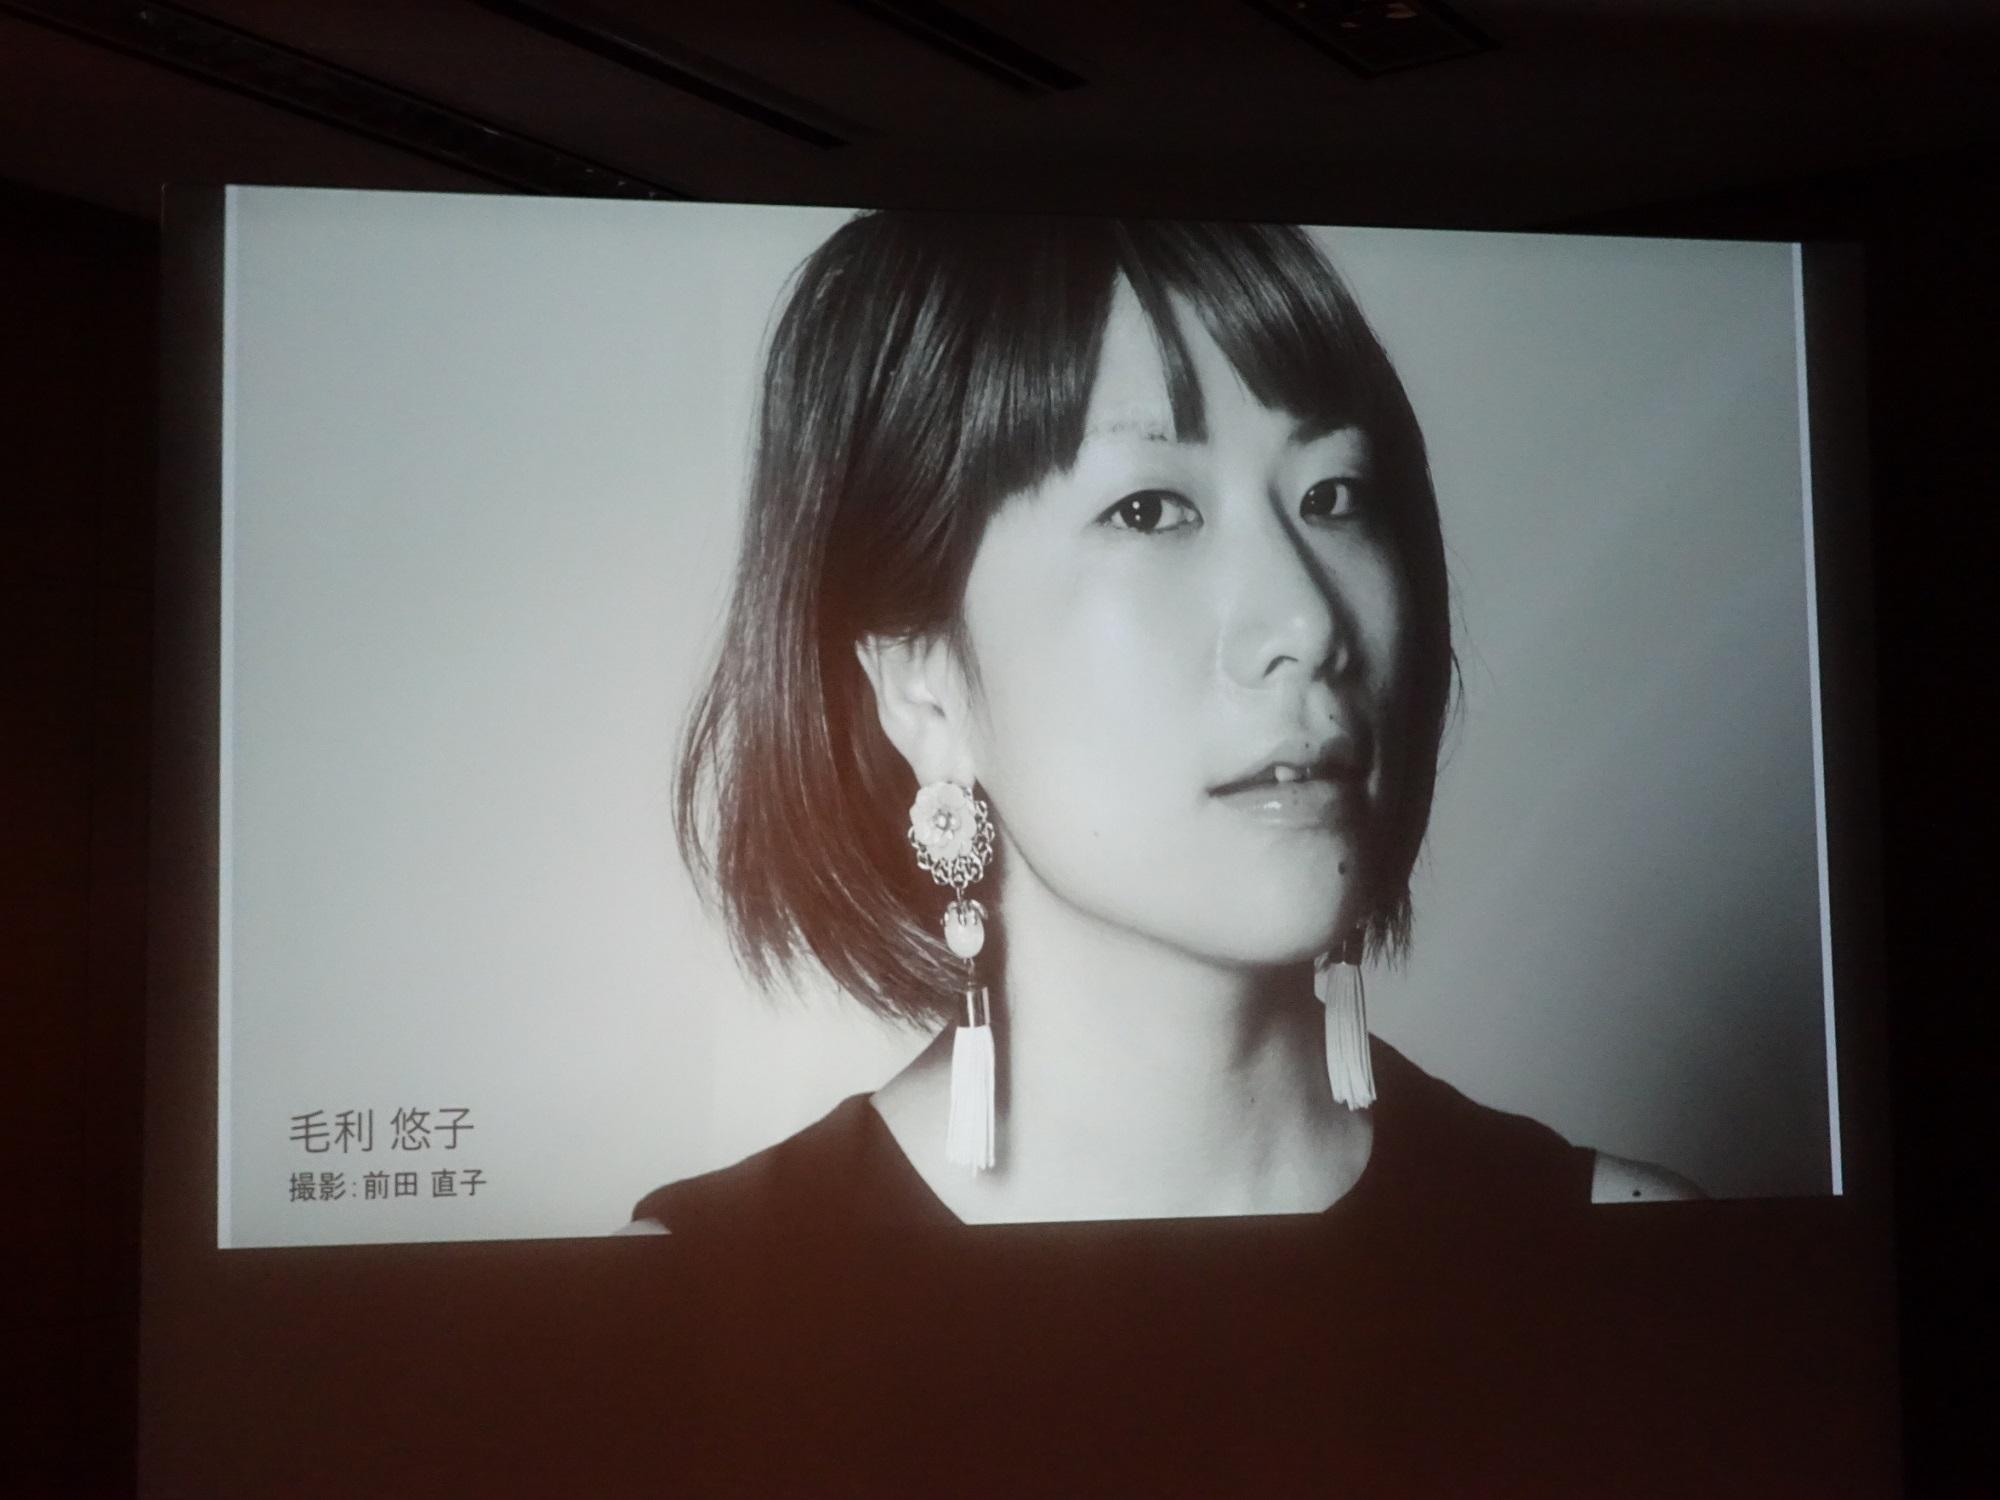 『札幌国際芸術祭2017』参加アーティスト・毛利悠子